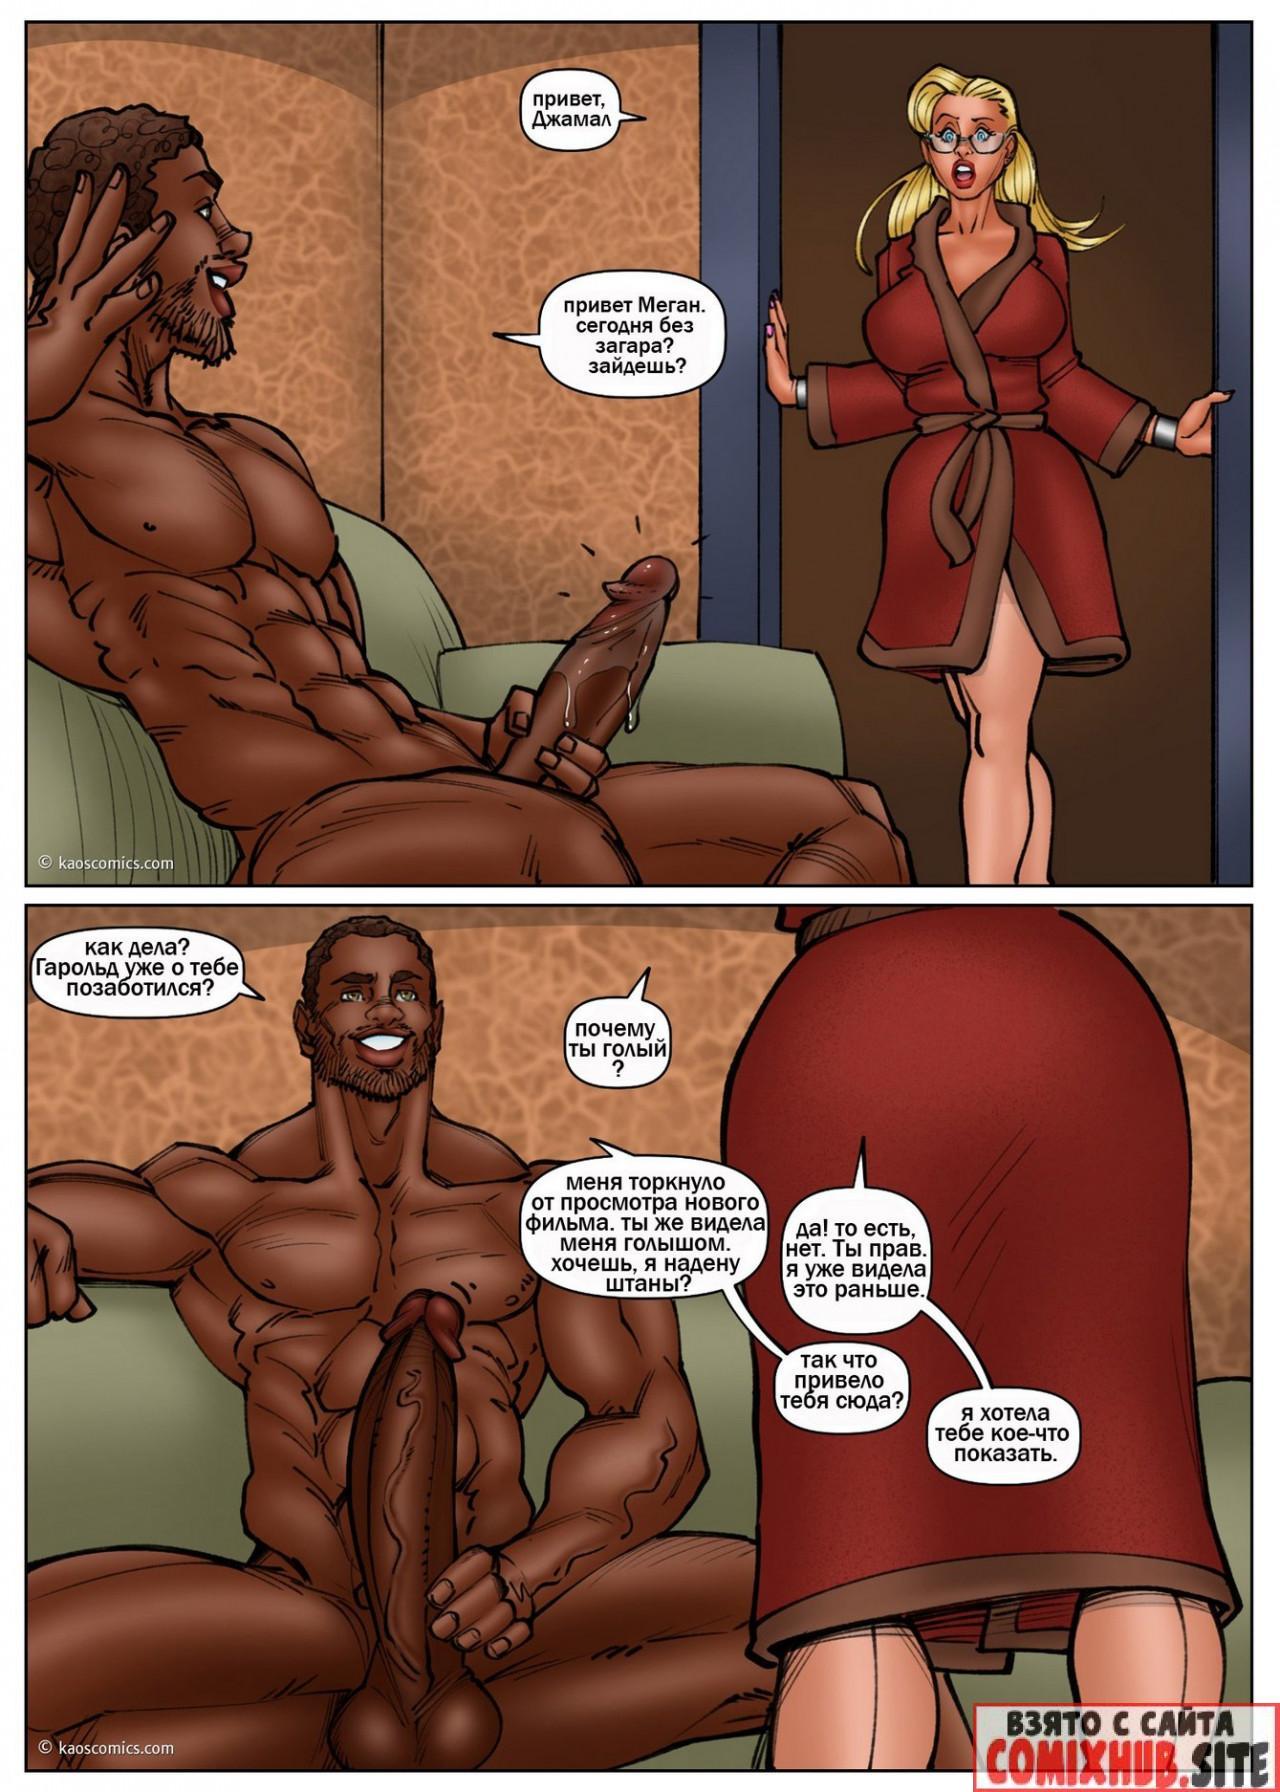 Порно комиксы — Уроки от соседа, часть 3 Анал, Большие члены, Минет,